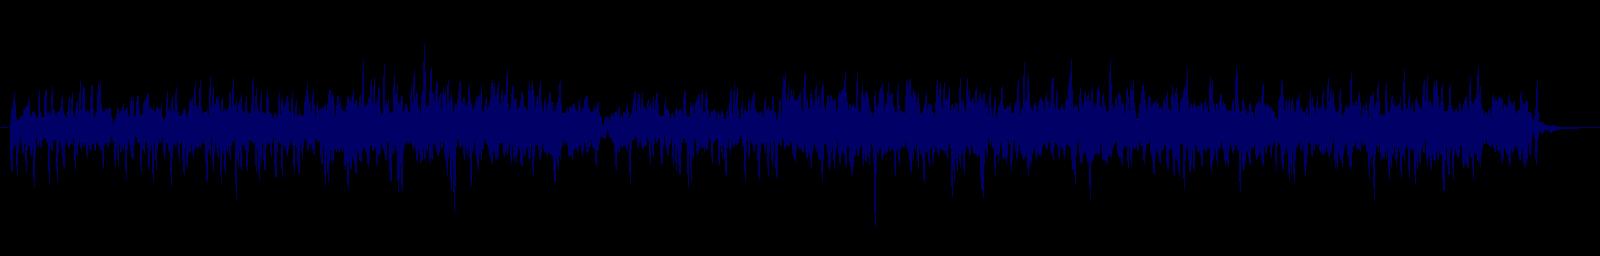 waveform of track #155191